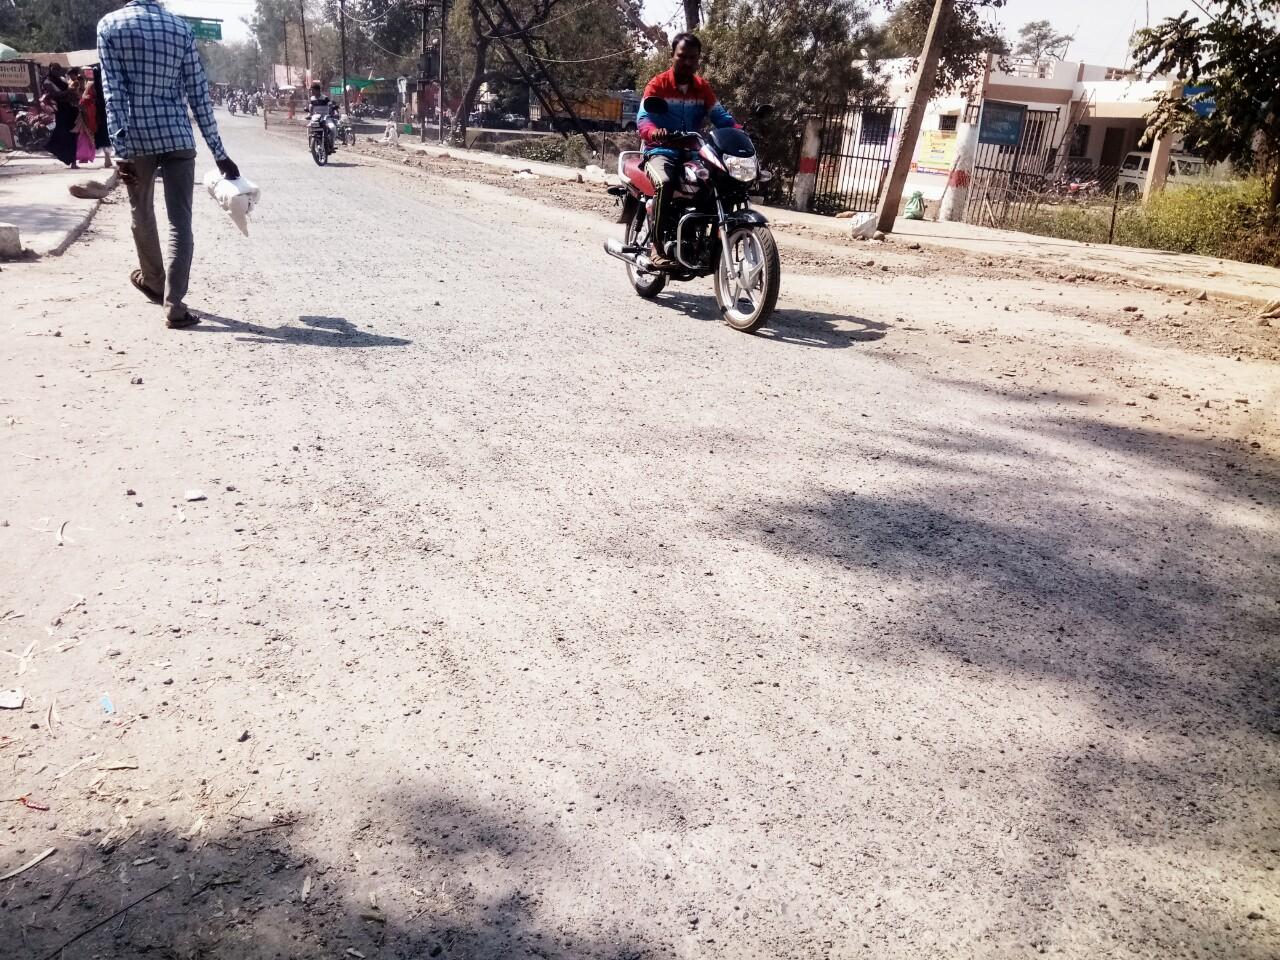 Thandla News-थांदला नगर के मुख्य मार्ग पर बना सीसी रोड एक माह मे ही खराब